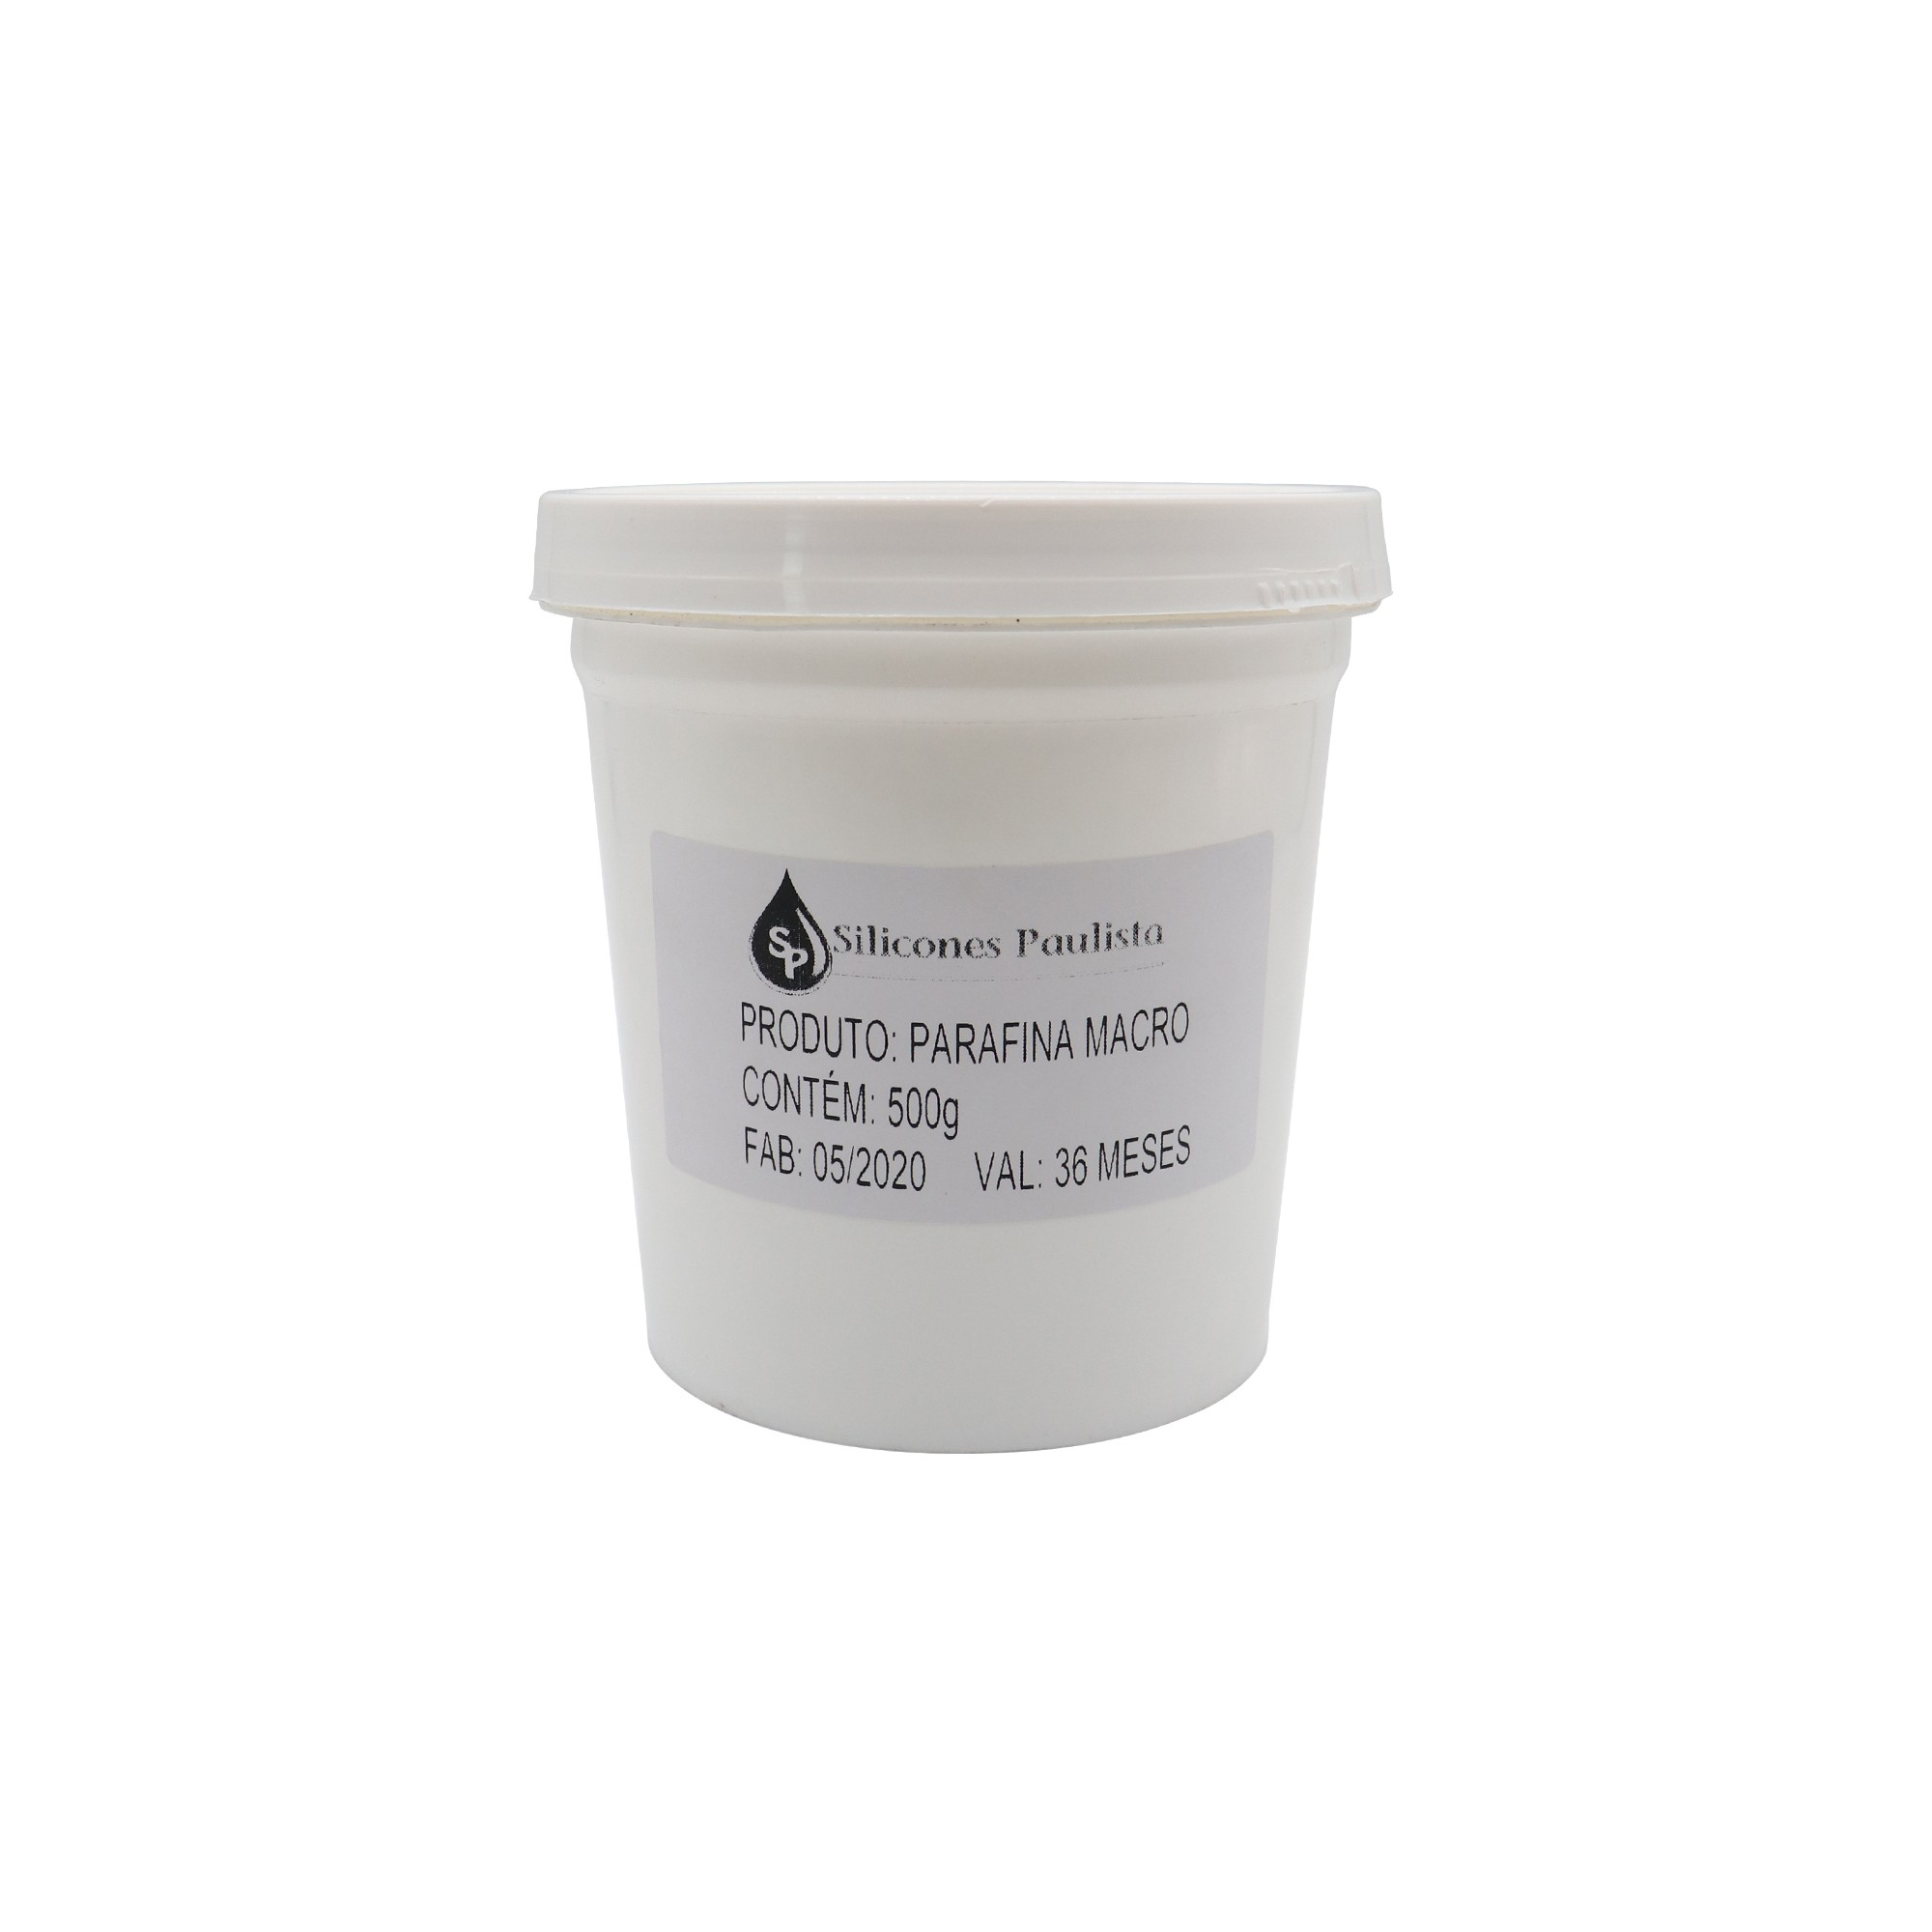 Parafina Macro 500g